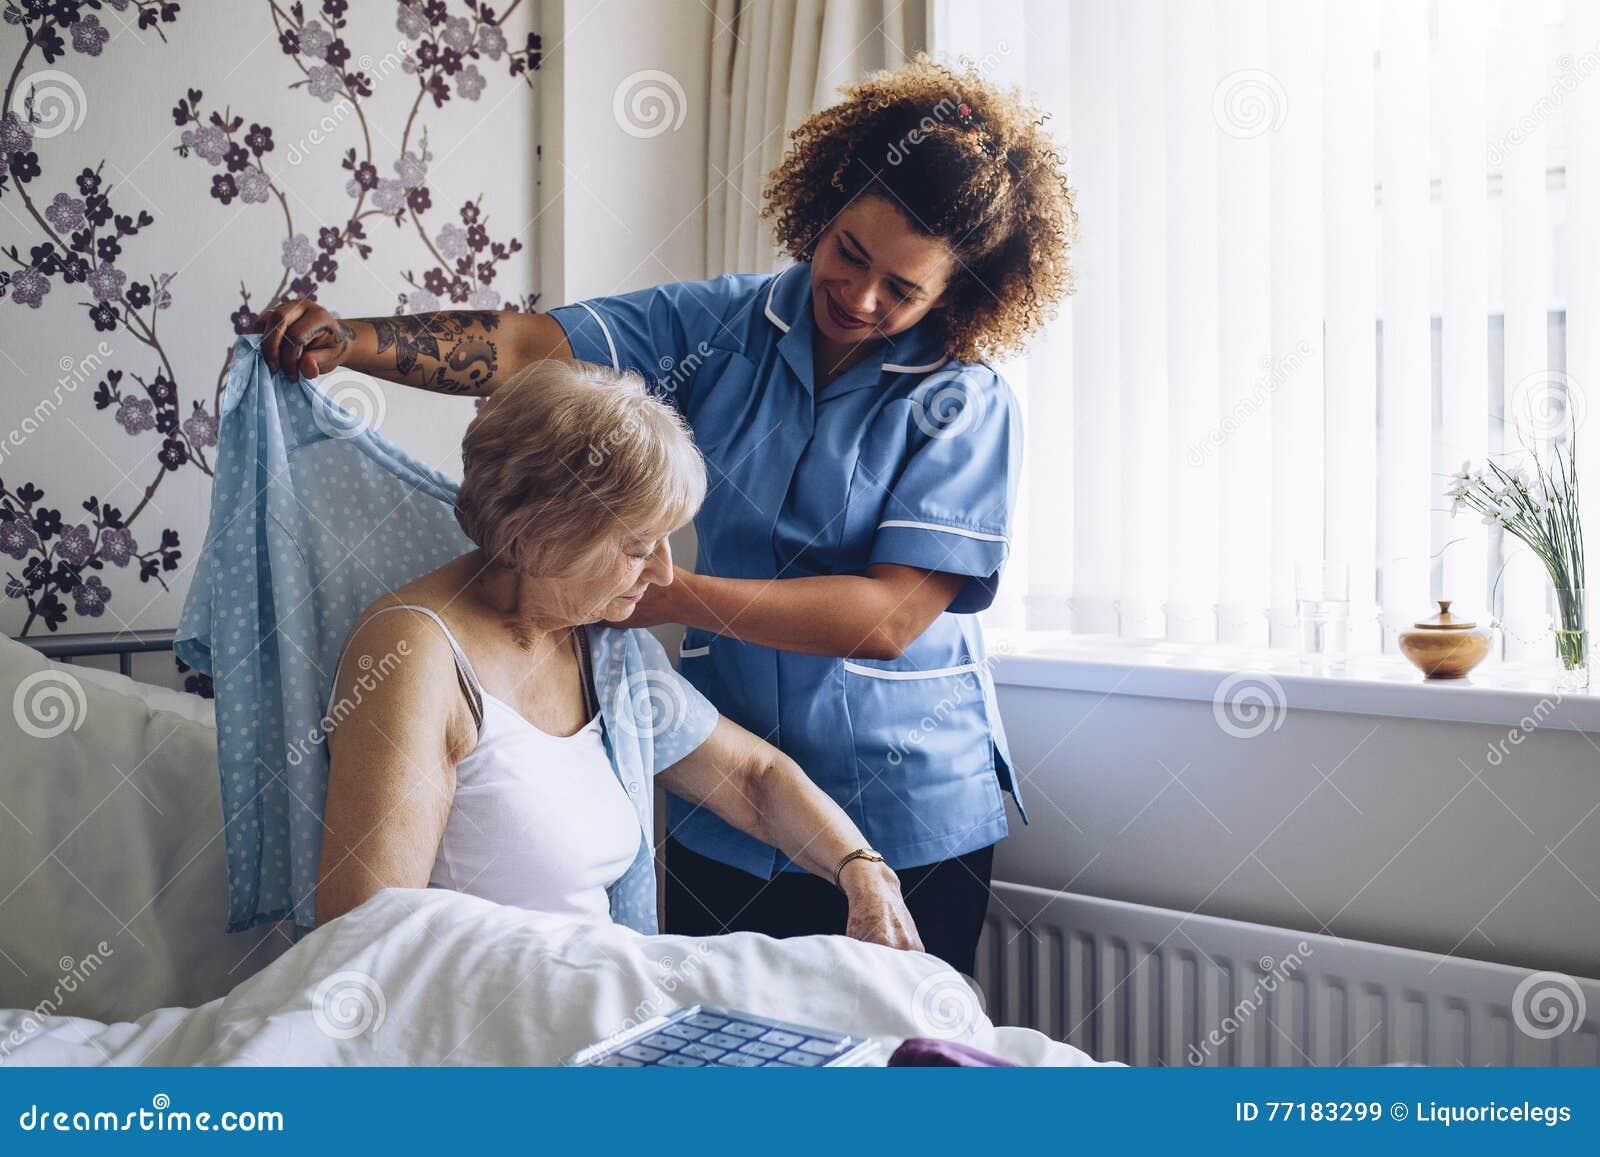 home caregiver dressing senior stock photo image 77183299. Black Bedroom Furniture Sets. Home Design Ideas